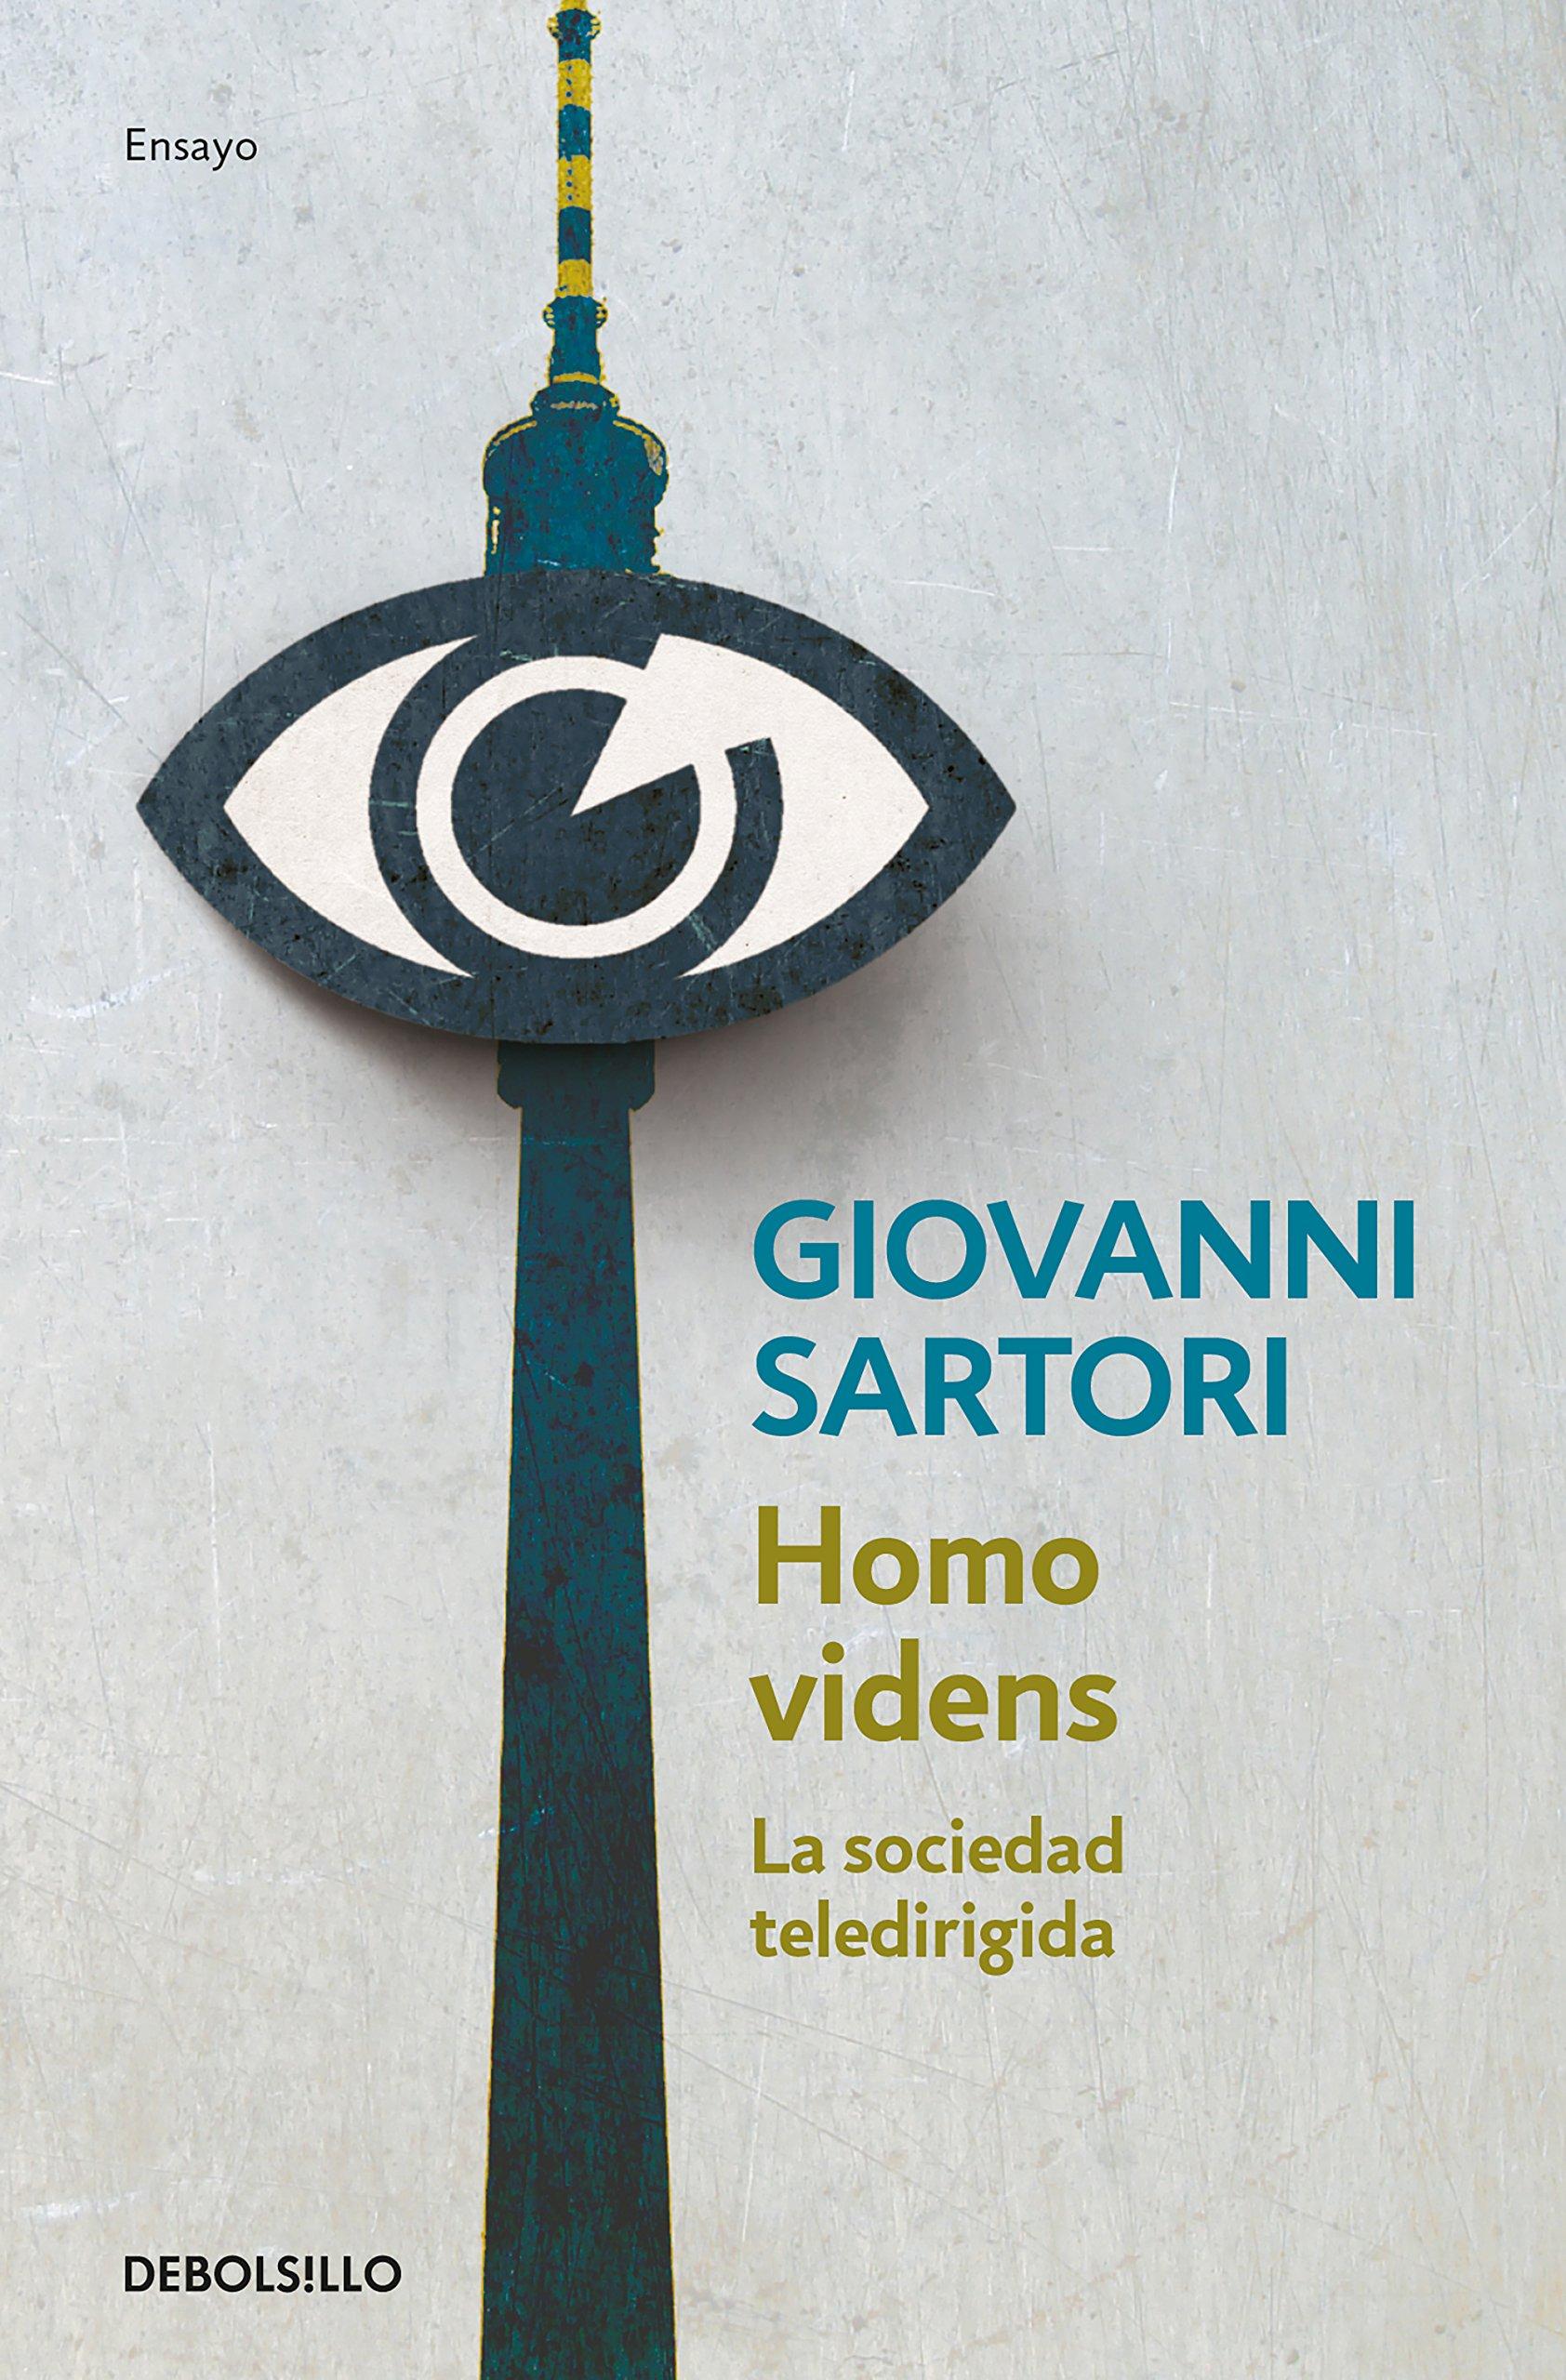 Homo videns: La sociedad teledirigida (ENSAYO-CIENCIA) Tapa blanda – 12 abr 2018 Giovanni Sartori DEBOLSILLO 8466342516 SOCIAL SCIENCE / General